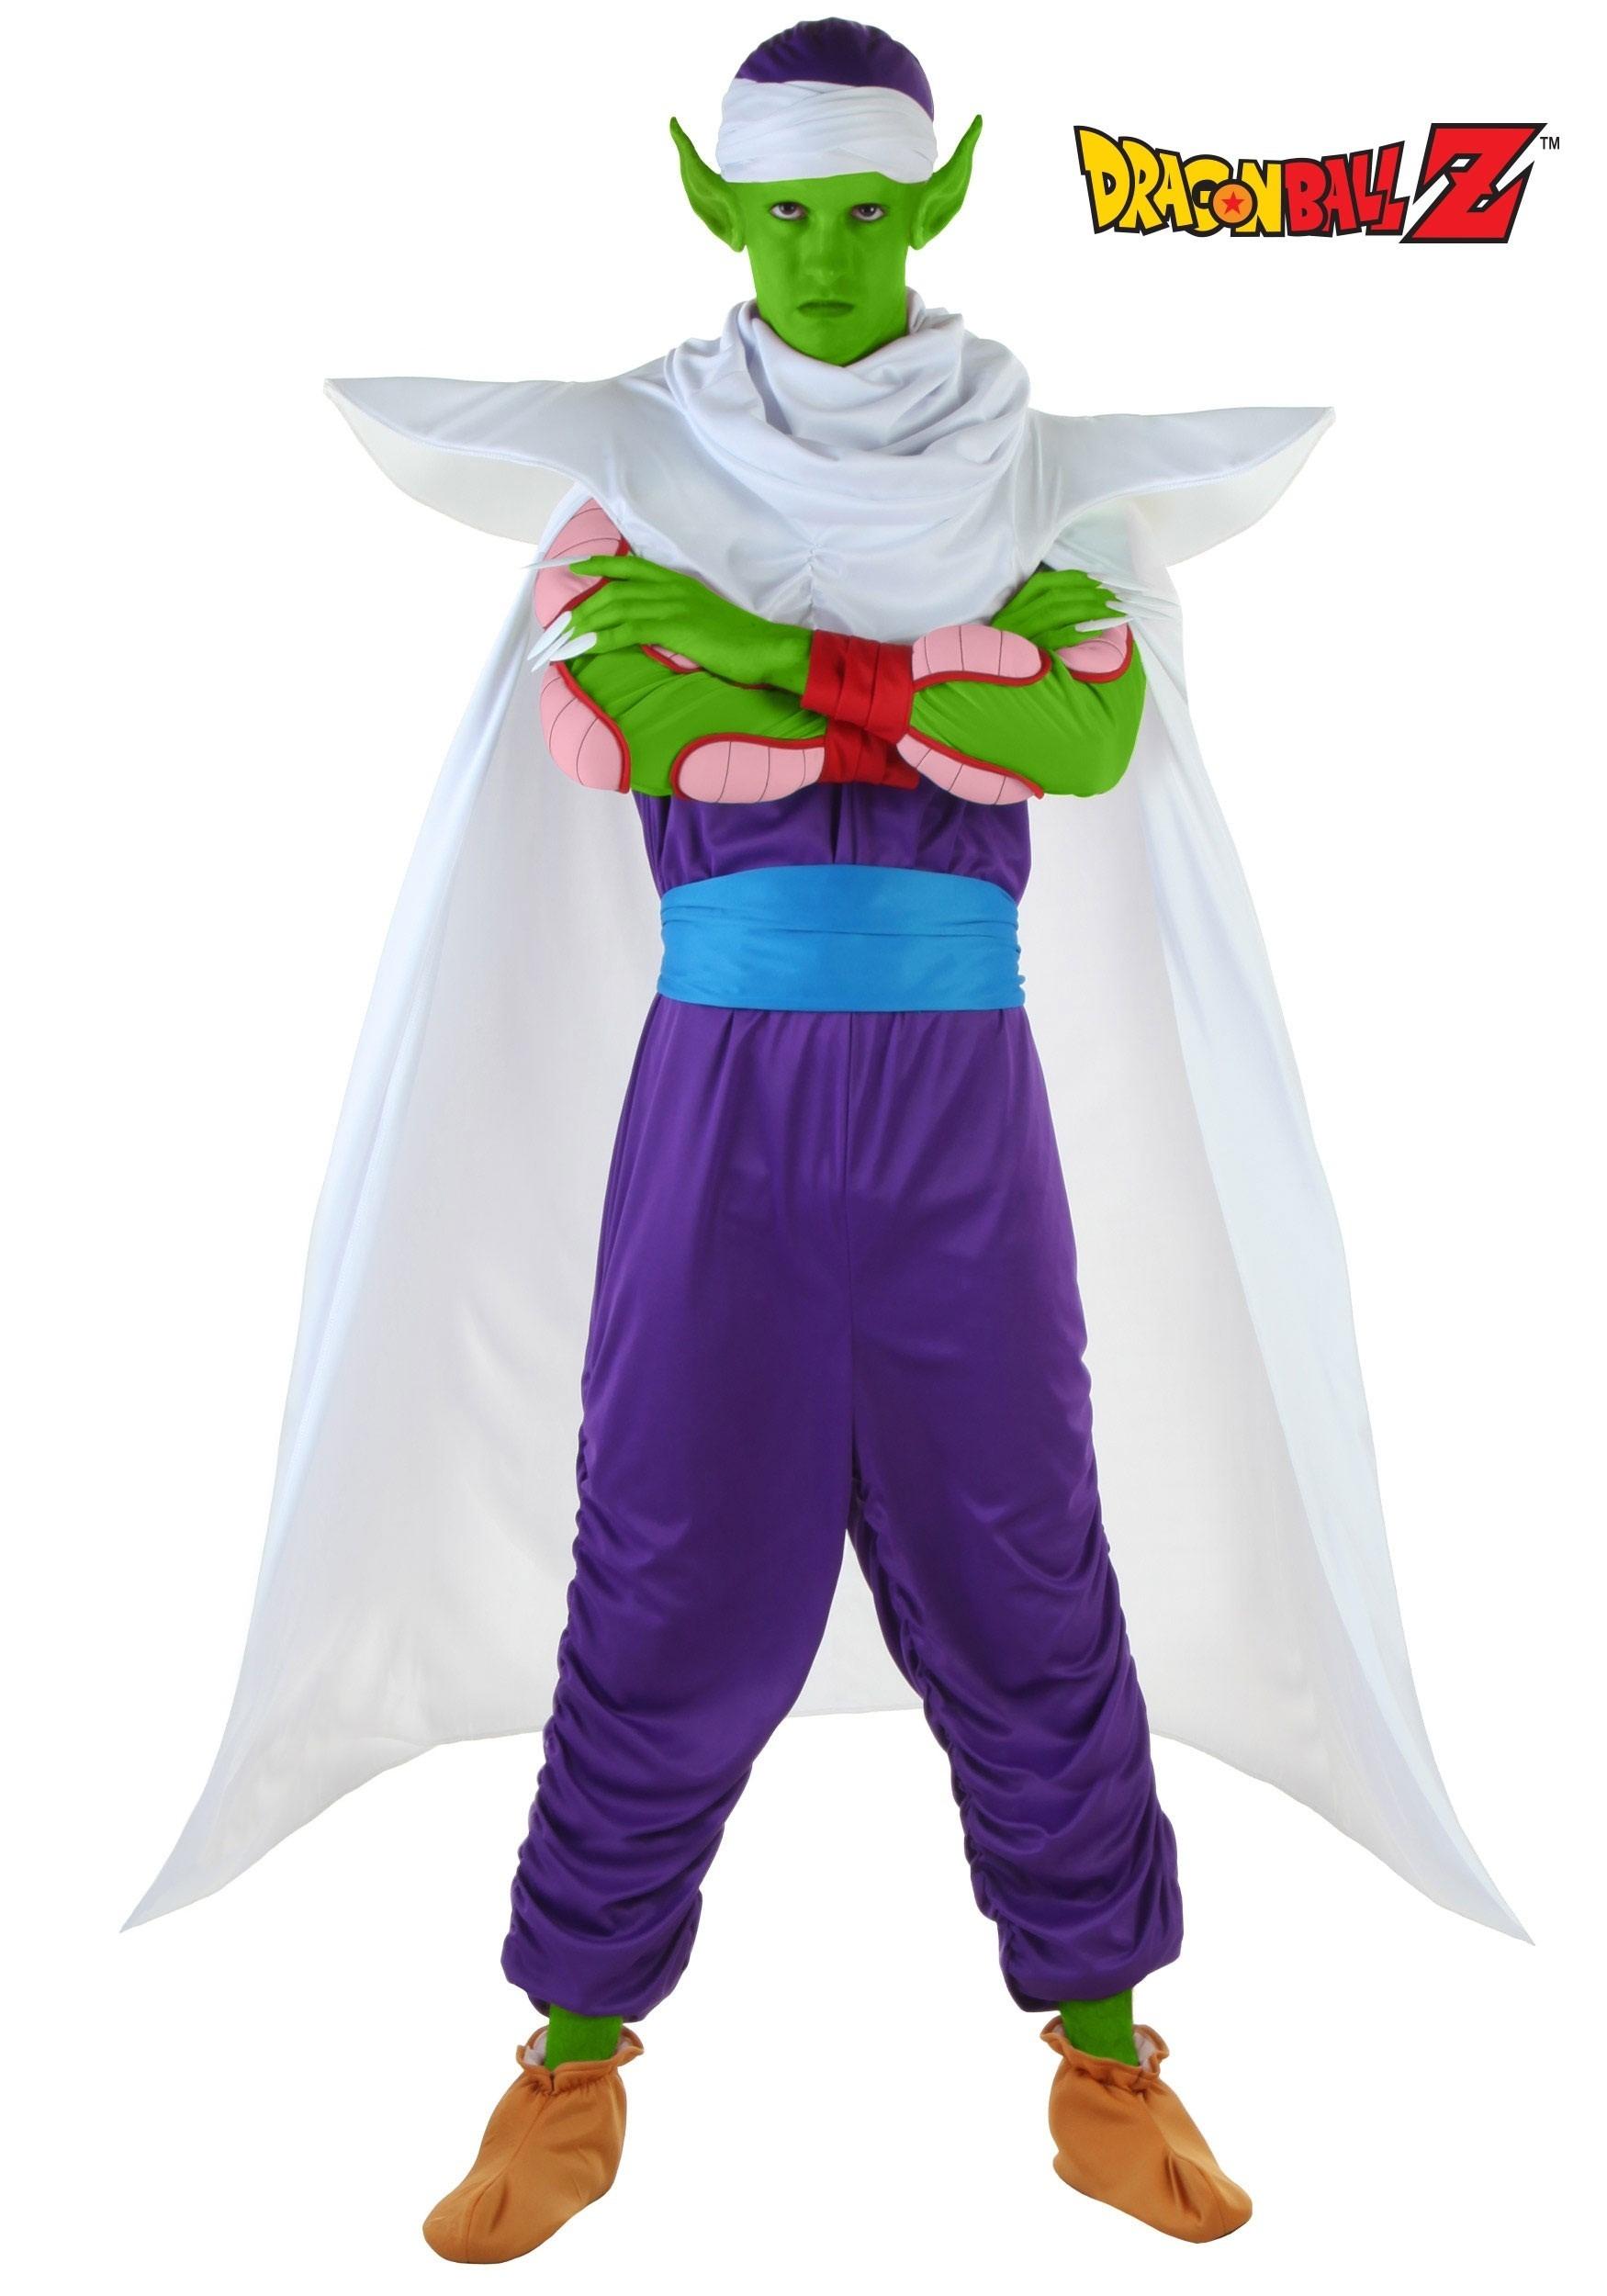 sc 1 st  Fun.com & DBZ Adult Piccolo Costume